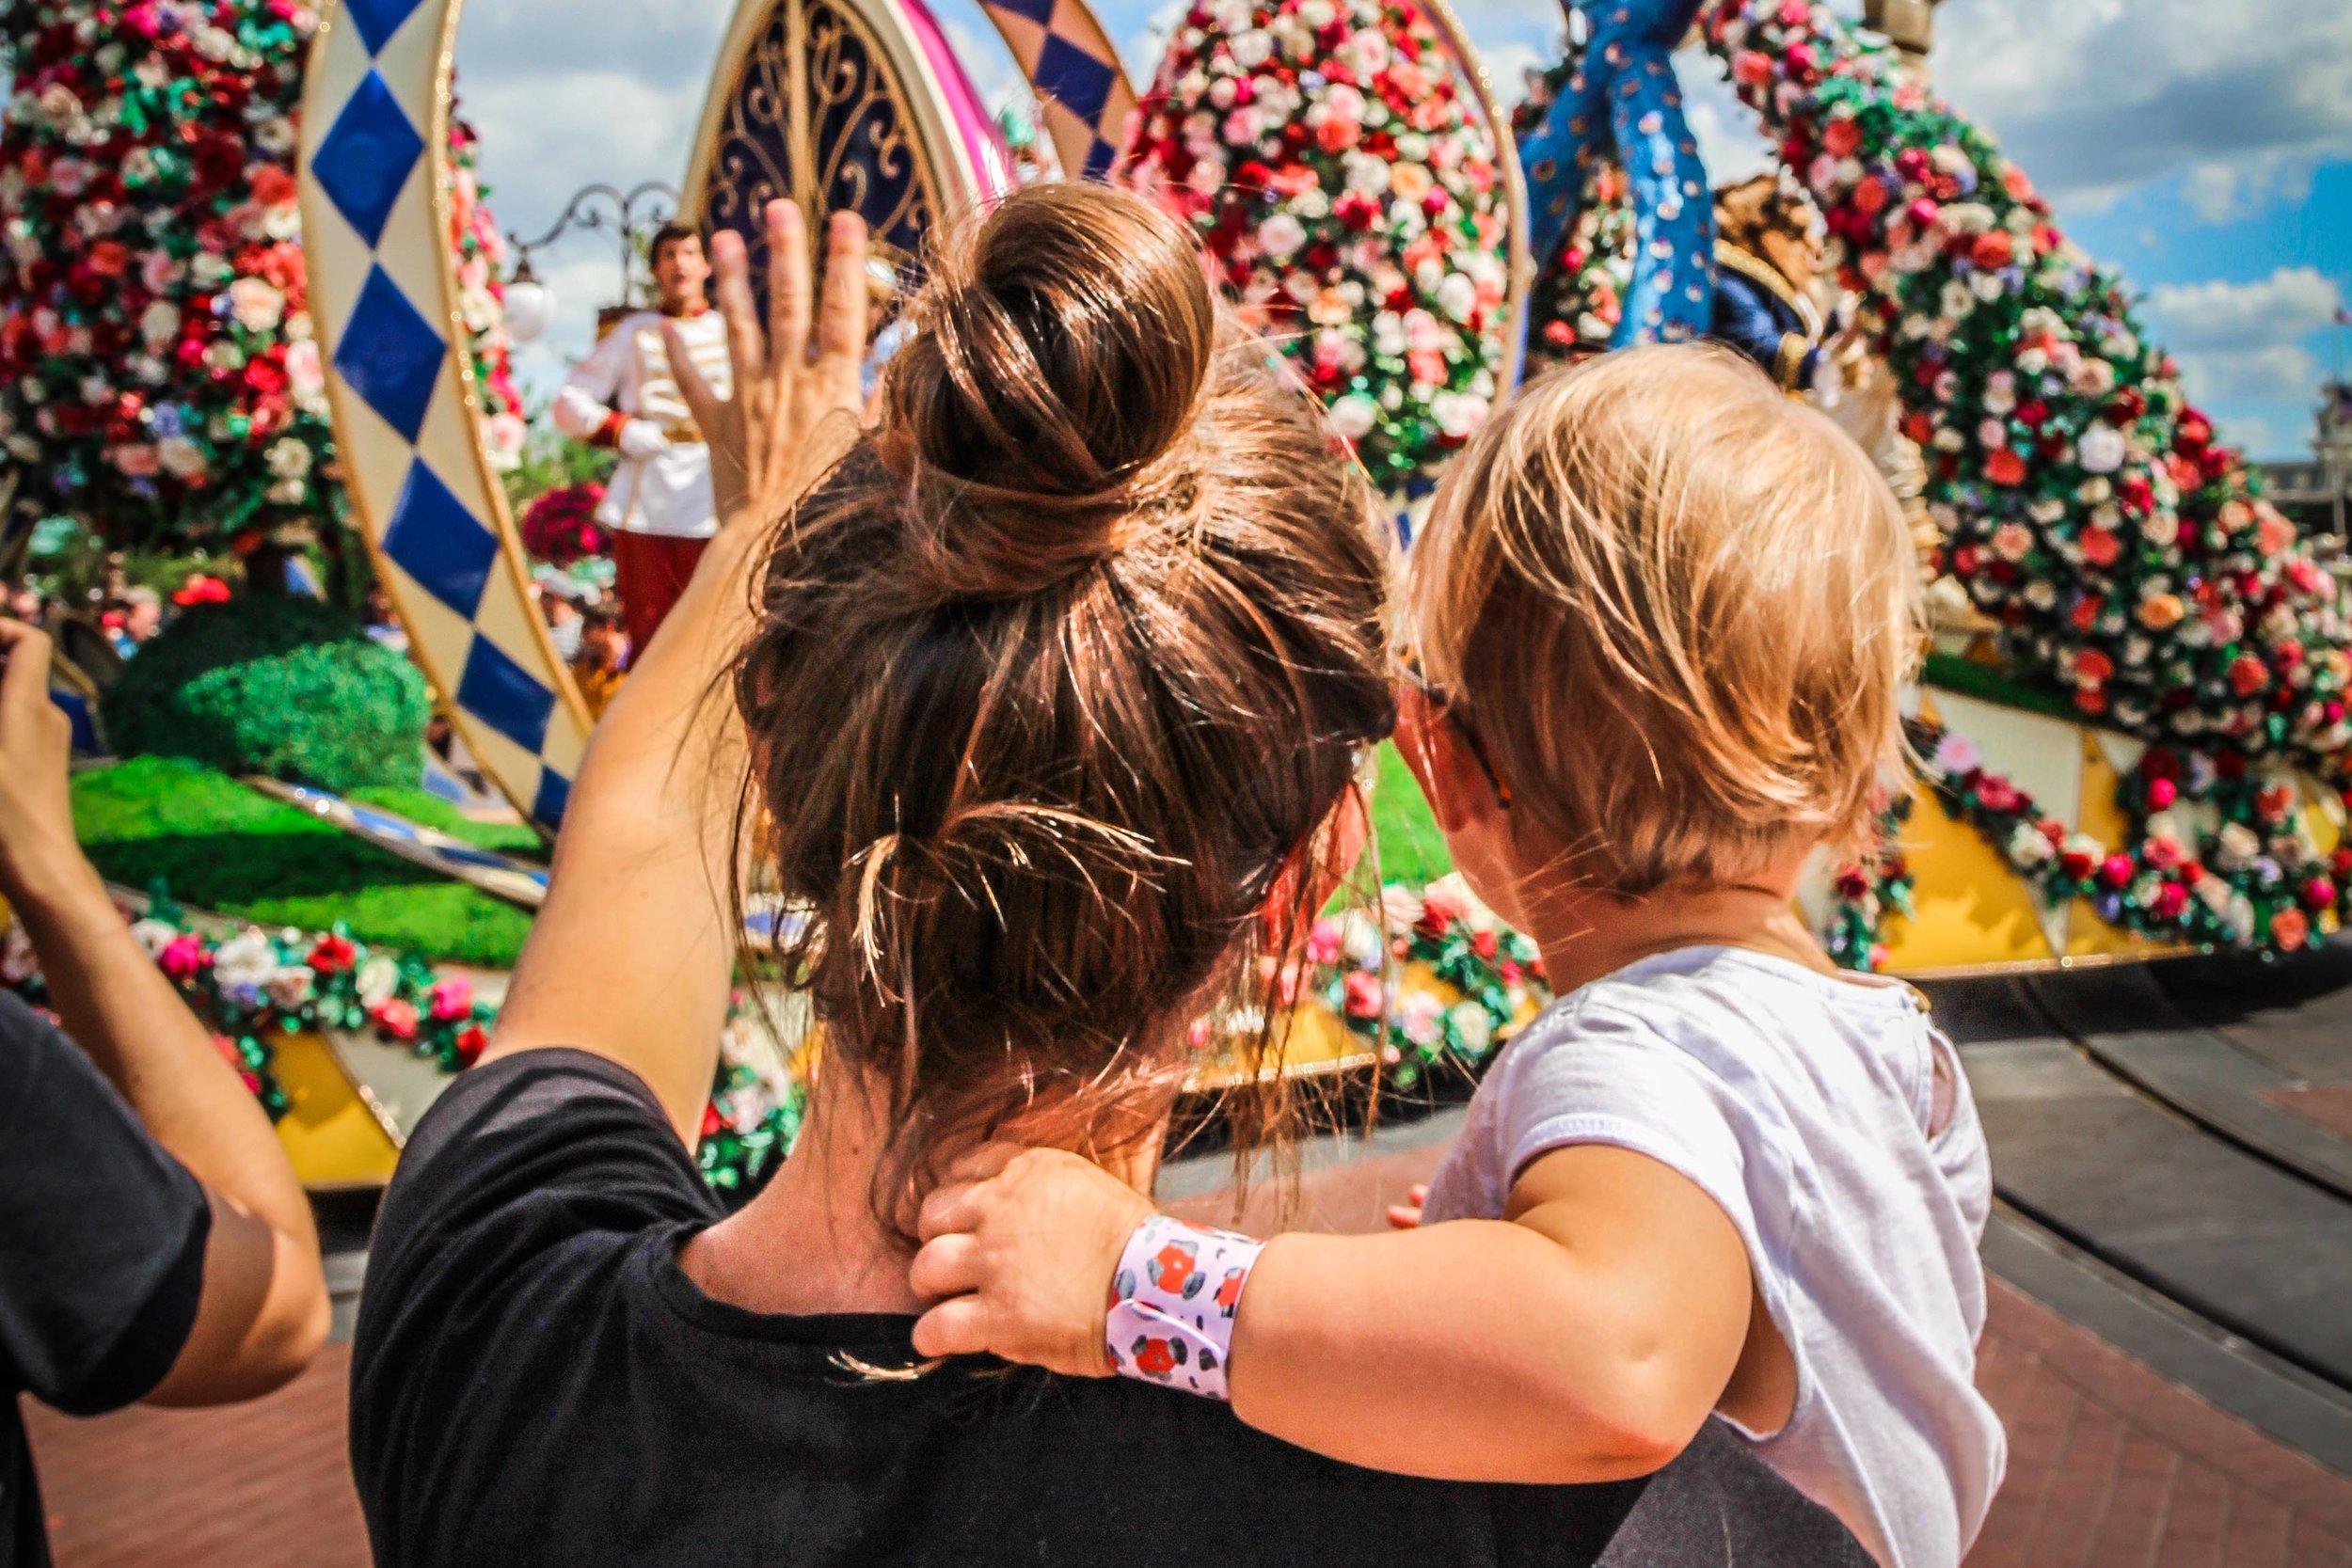 Disney_magical_kingdom_orlando_reizen_met_kinderen-30.jpg